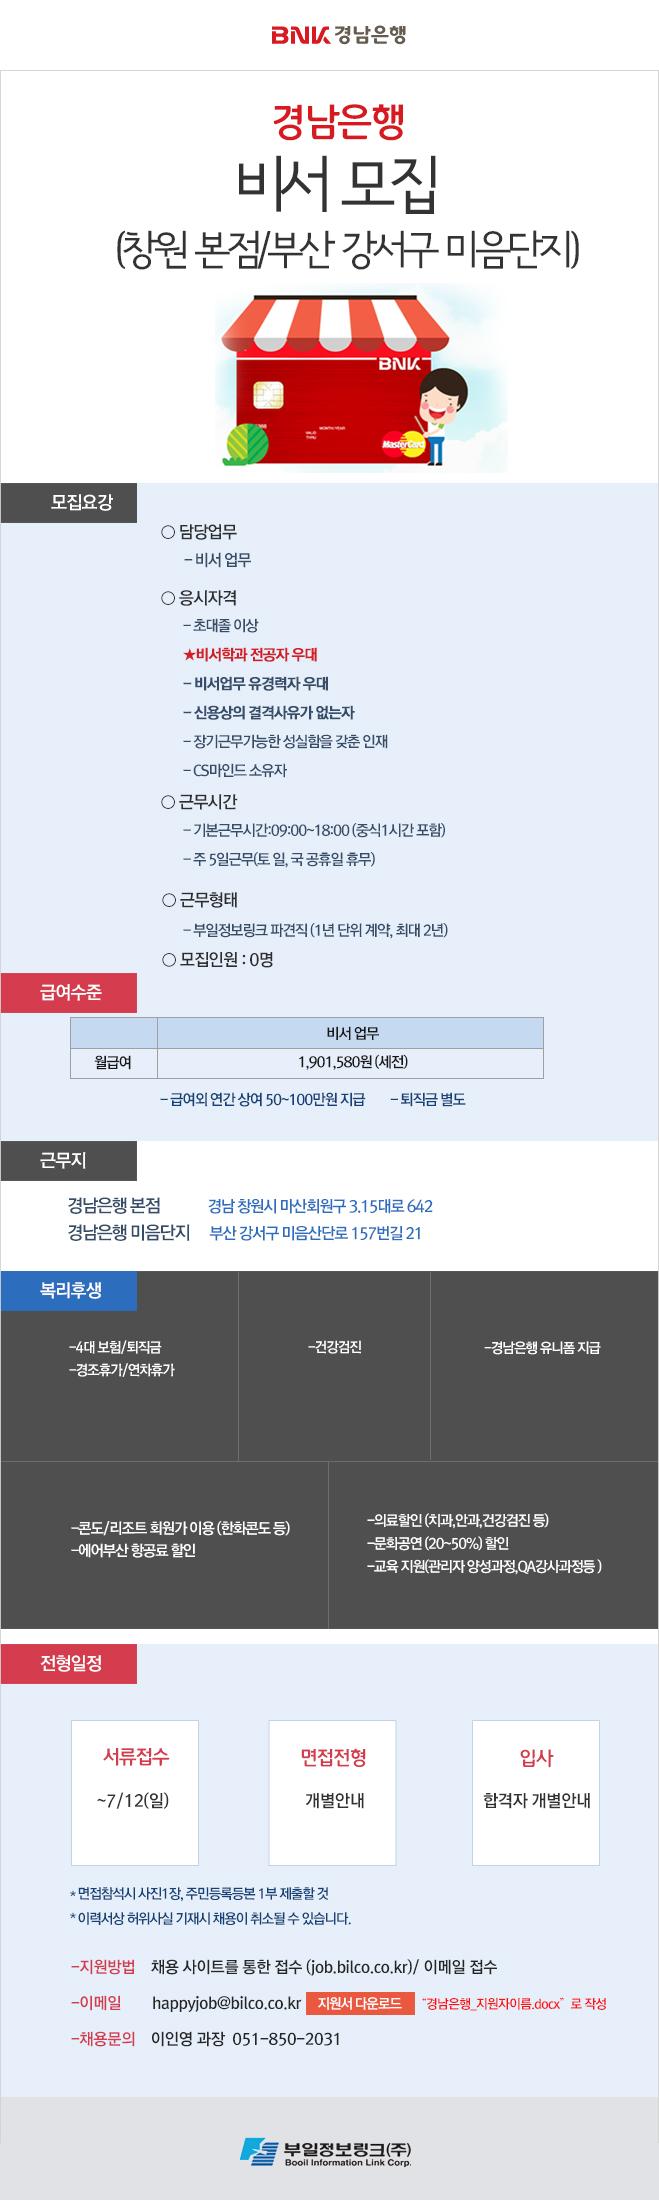 경남은행 본점 임원비서 모집